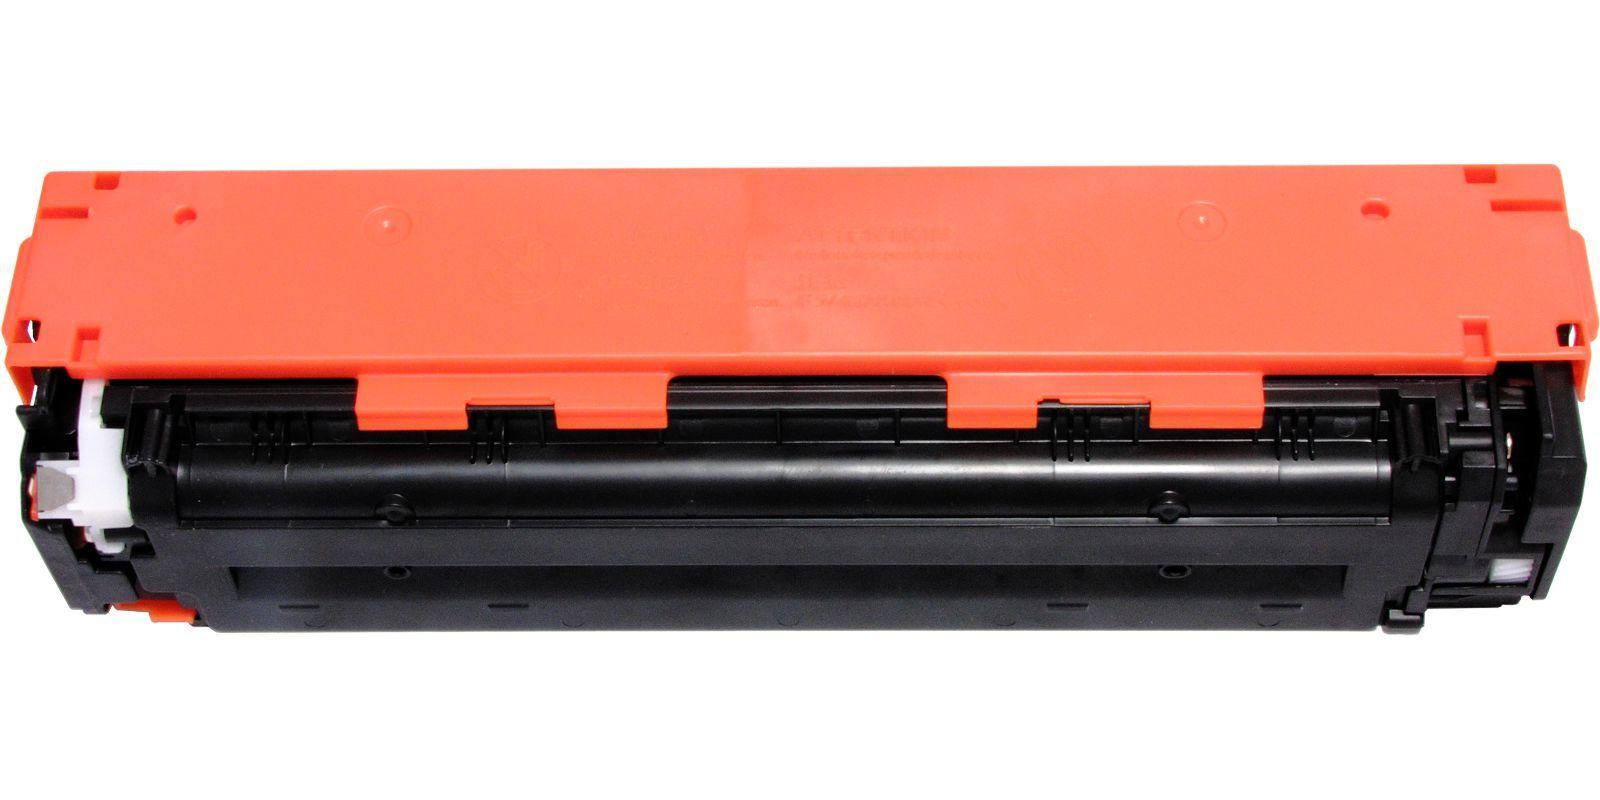 Картридж лазерный цветной Office Pro© 128A CE323A пурпурный (magenta), до 1300 стр.